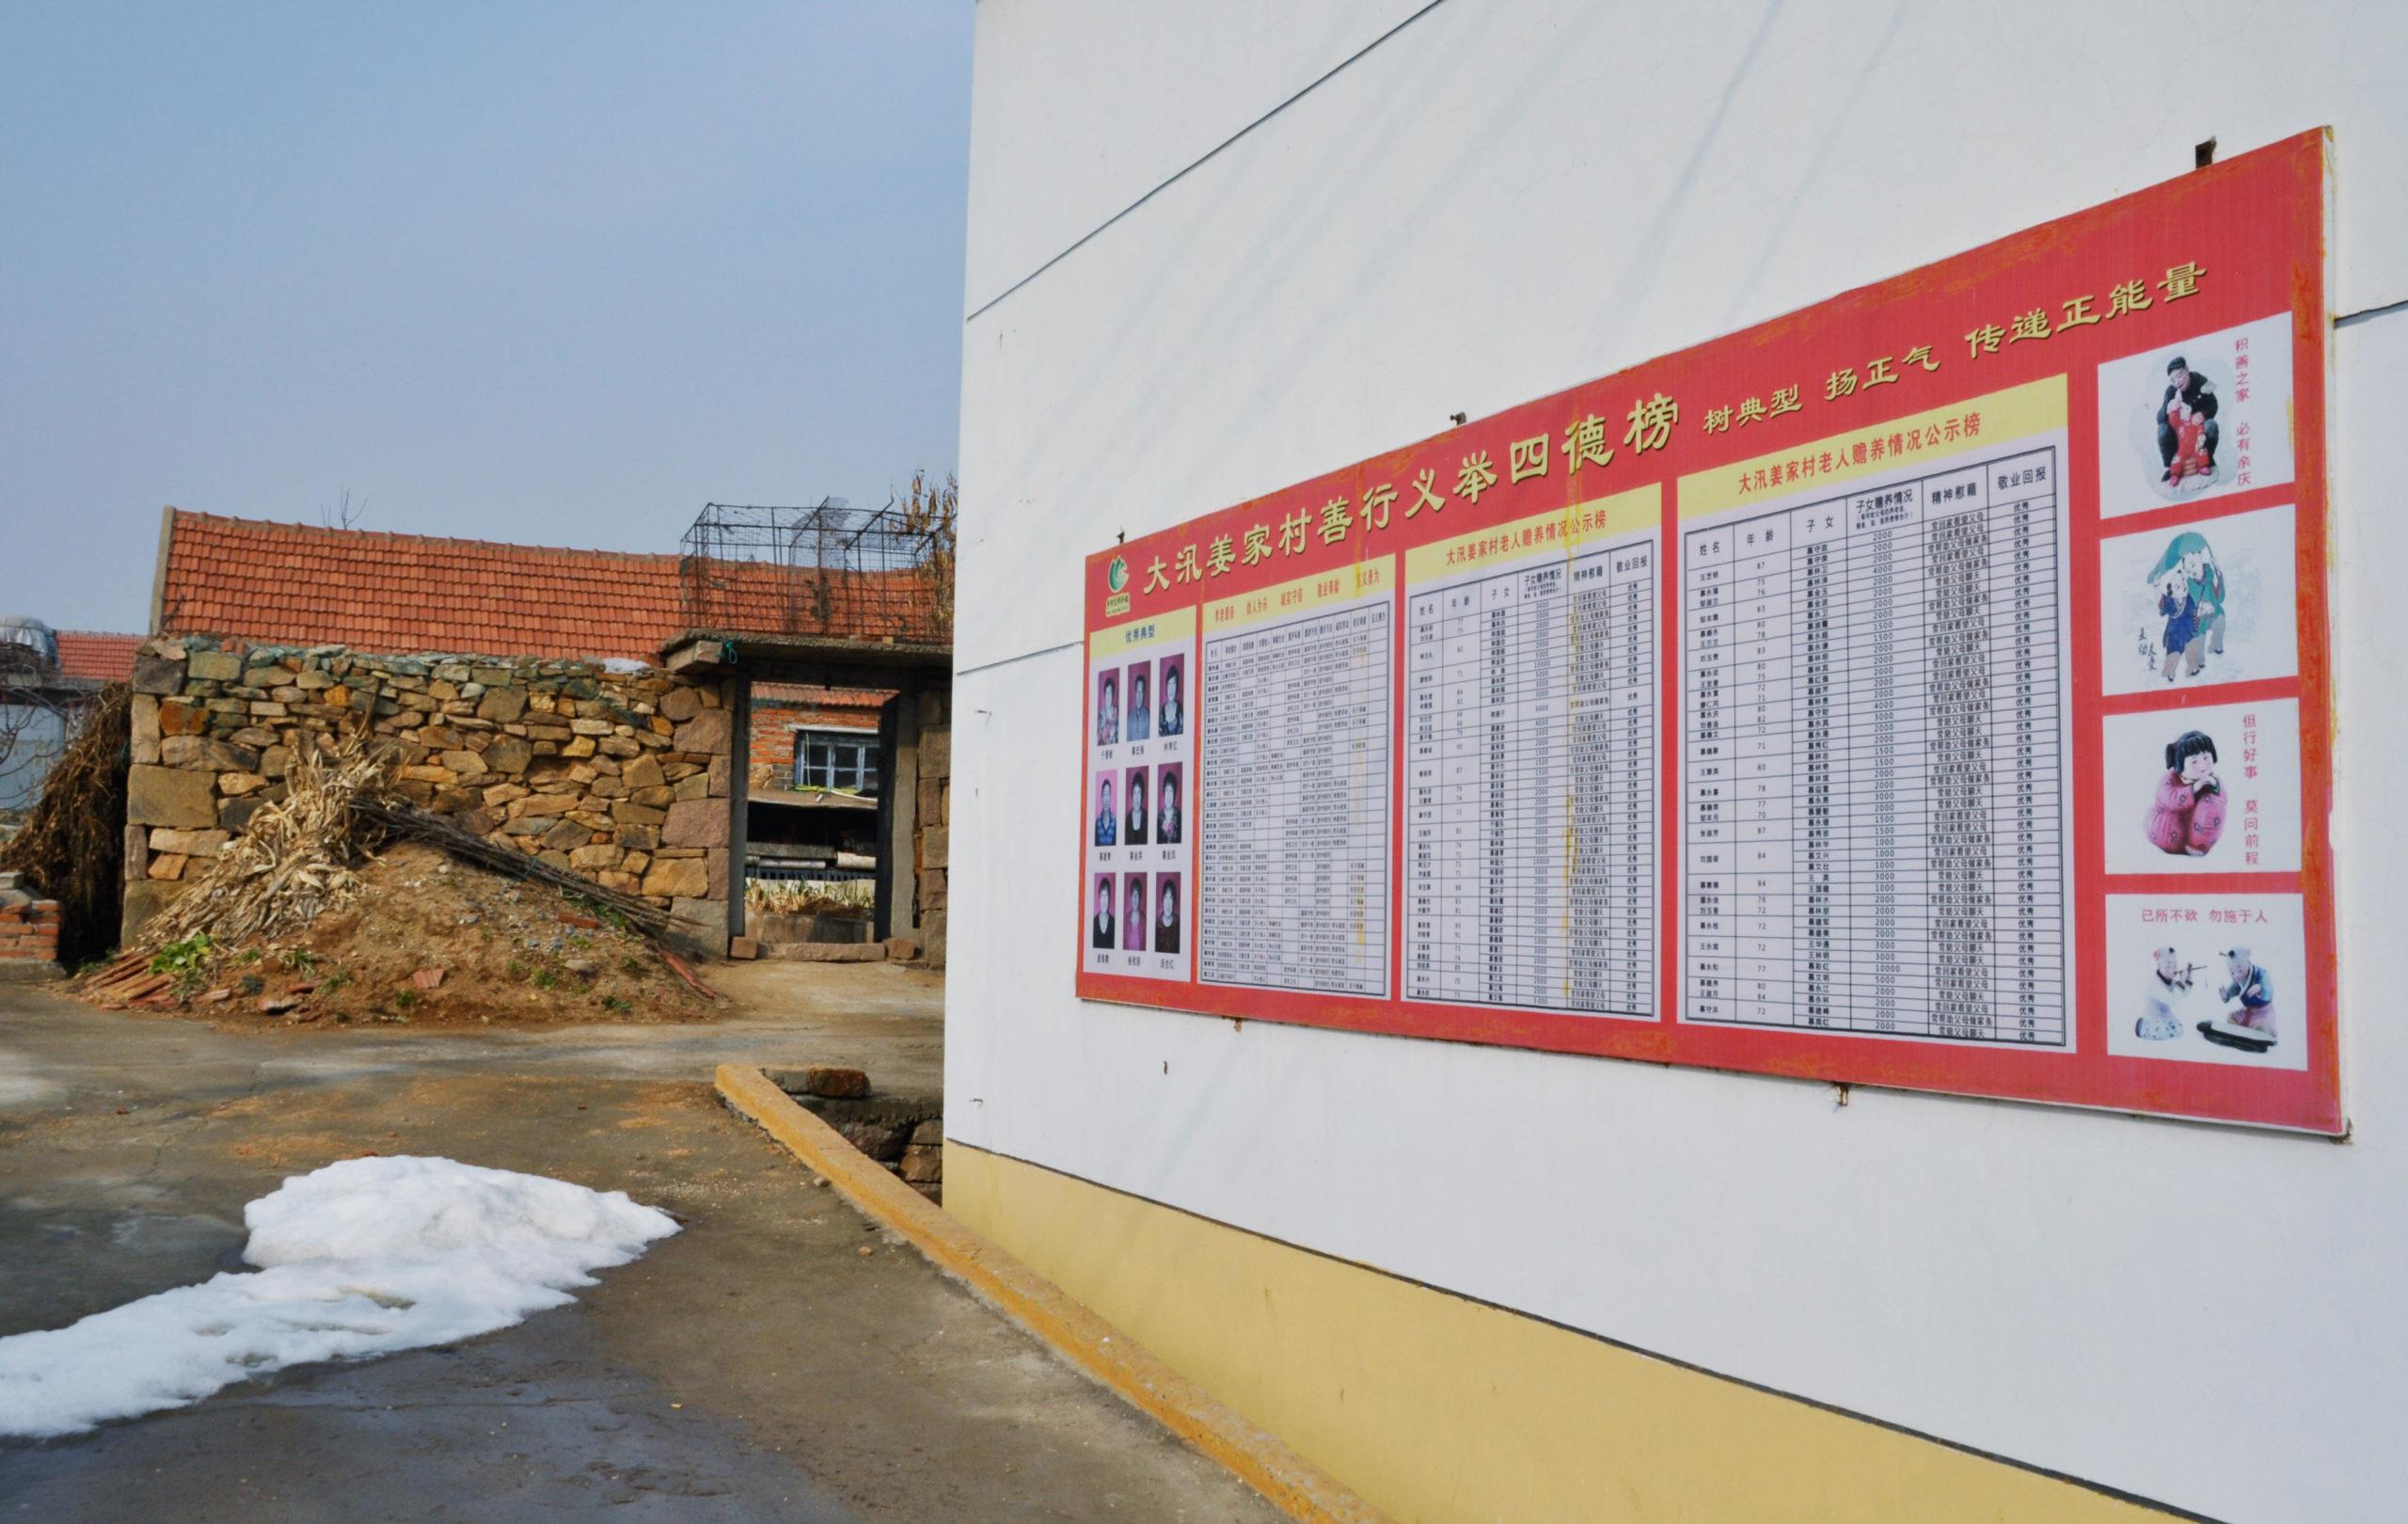 Mallikansalaisten nimiä listattiin taululla Itä-Kiinan Rongchengissa tammikuussa 2018.